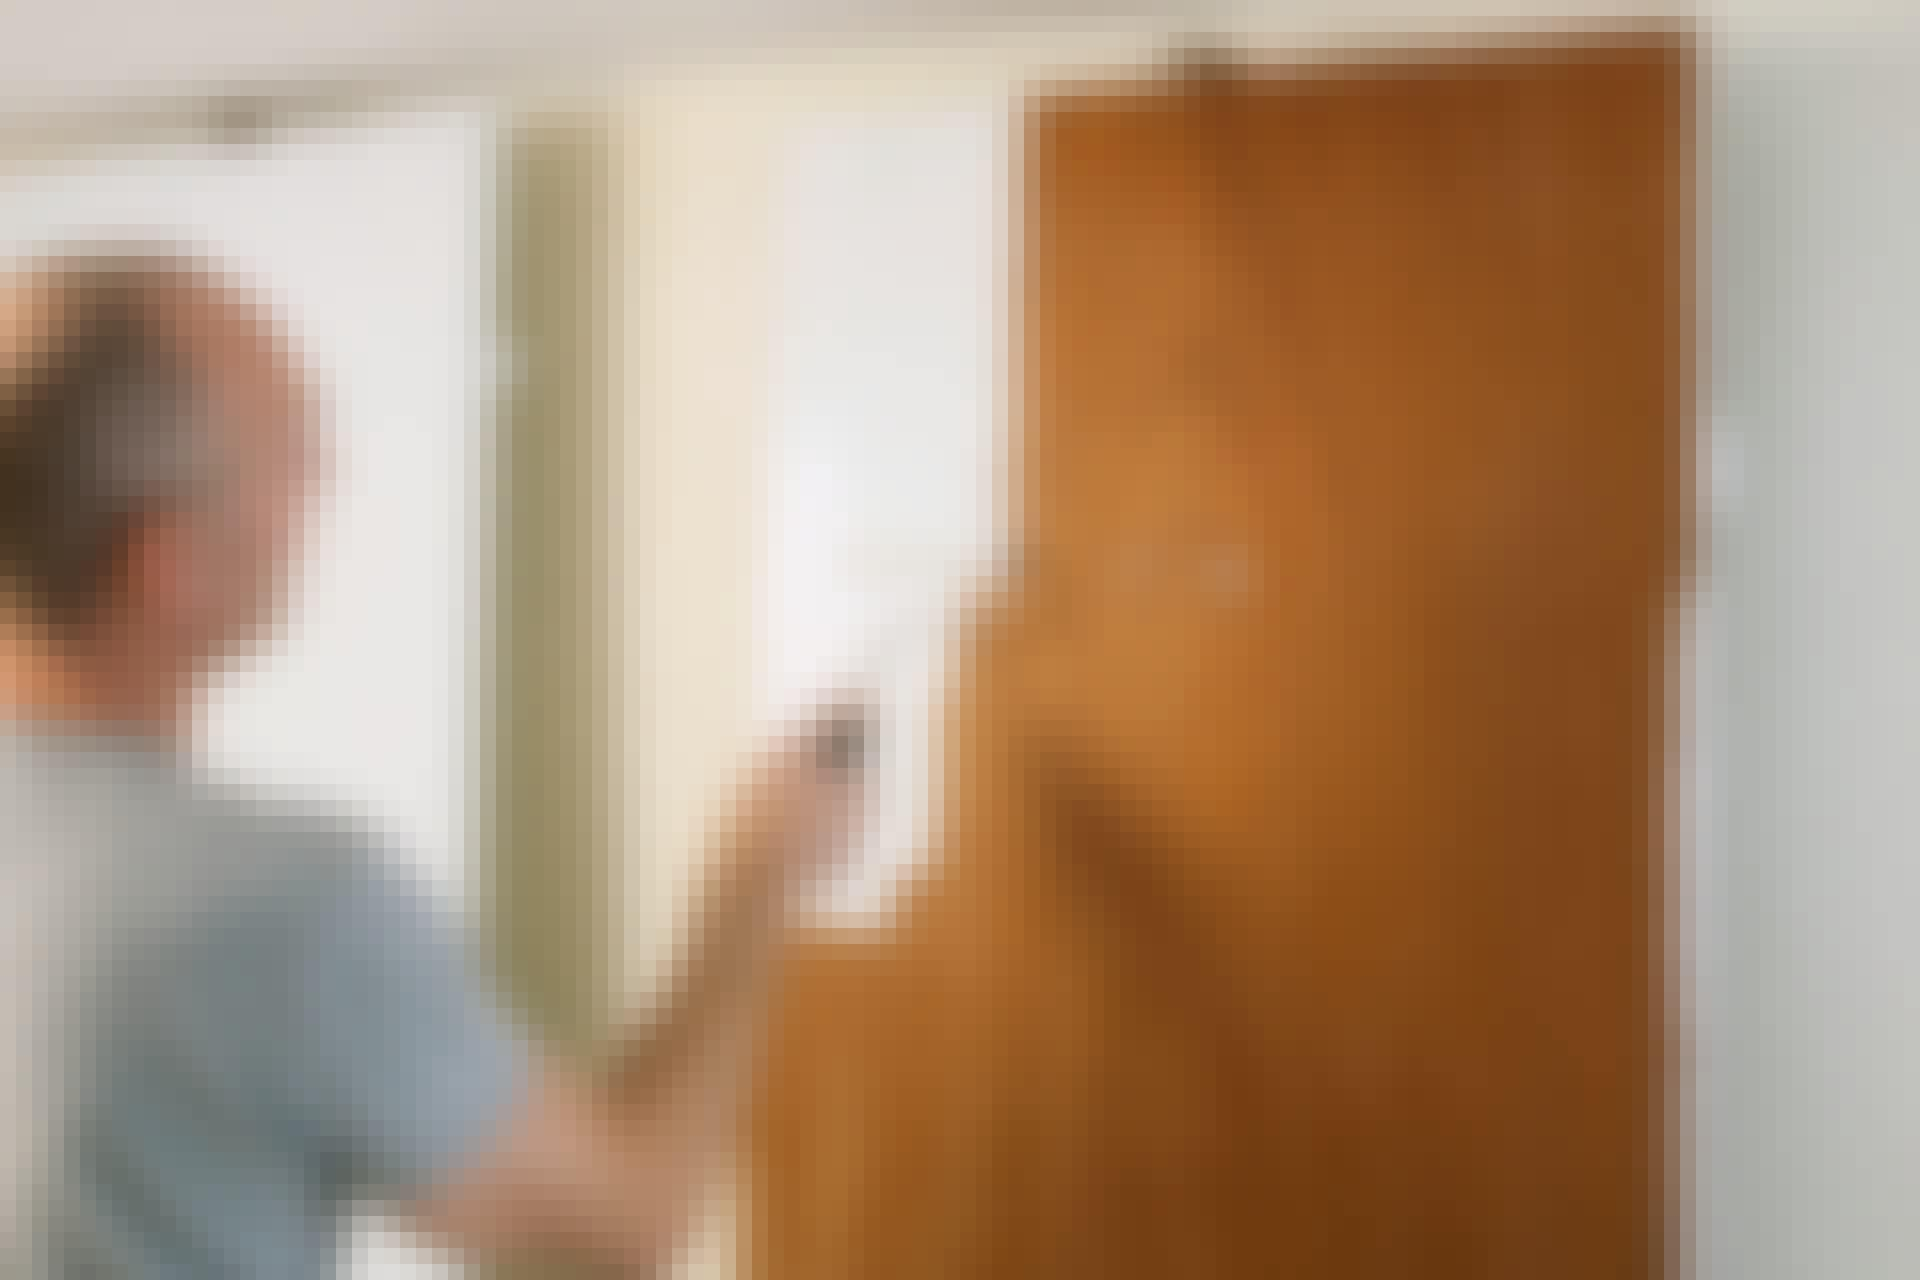 Maling av glatte dører: Slik gjør du